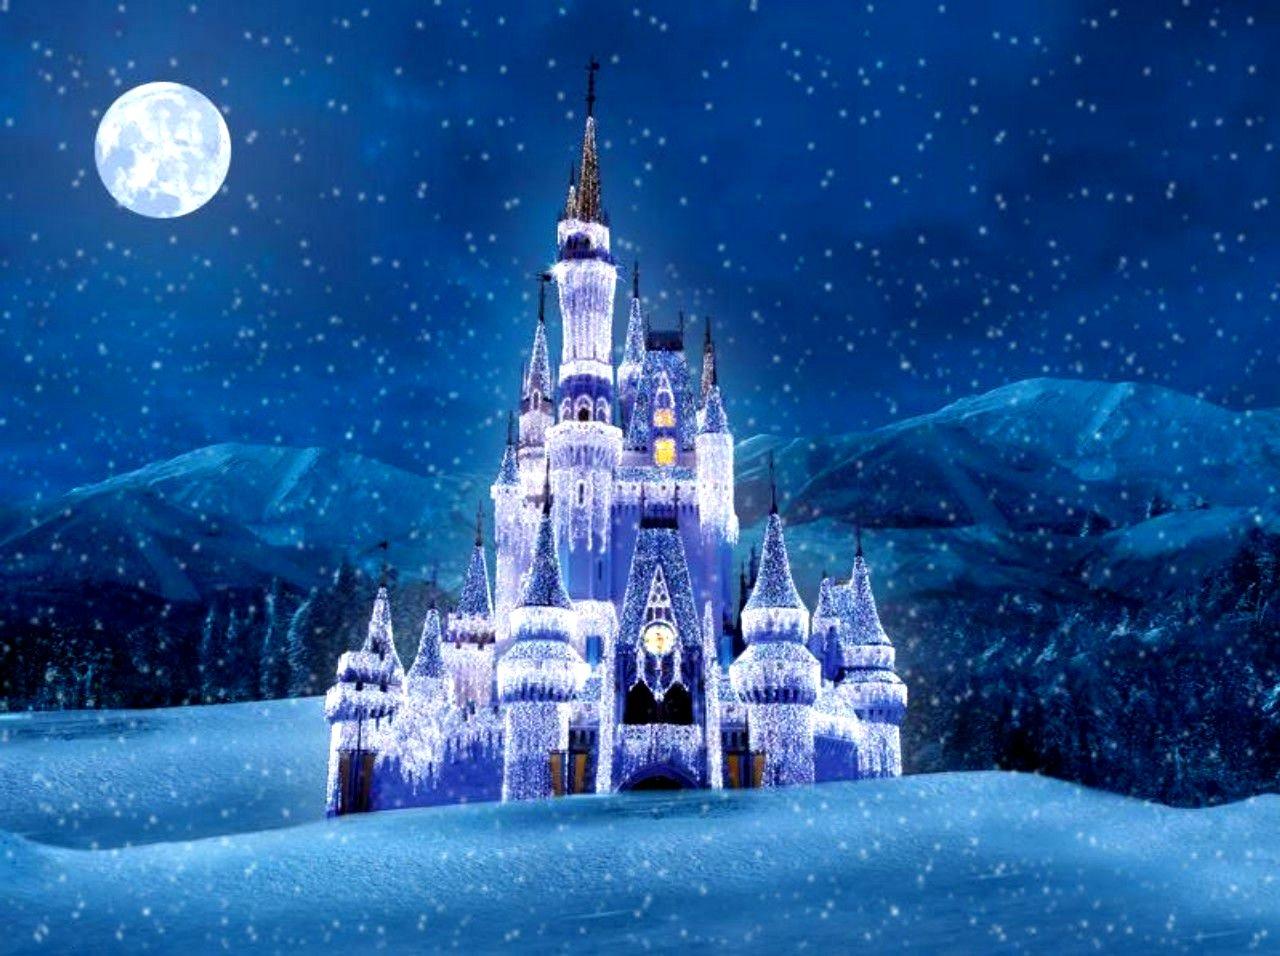 Картинки дворец снежная королева